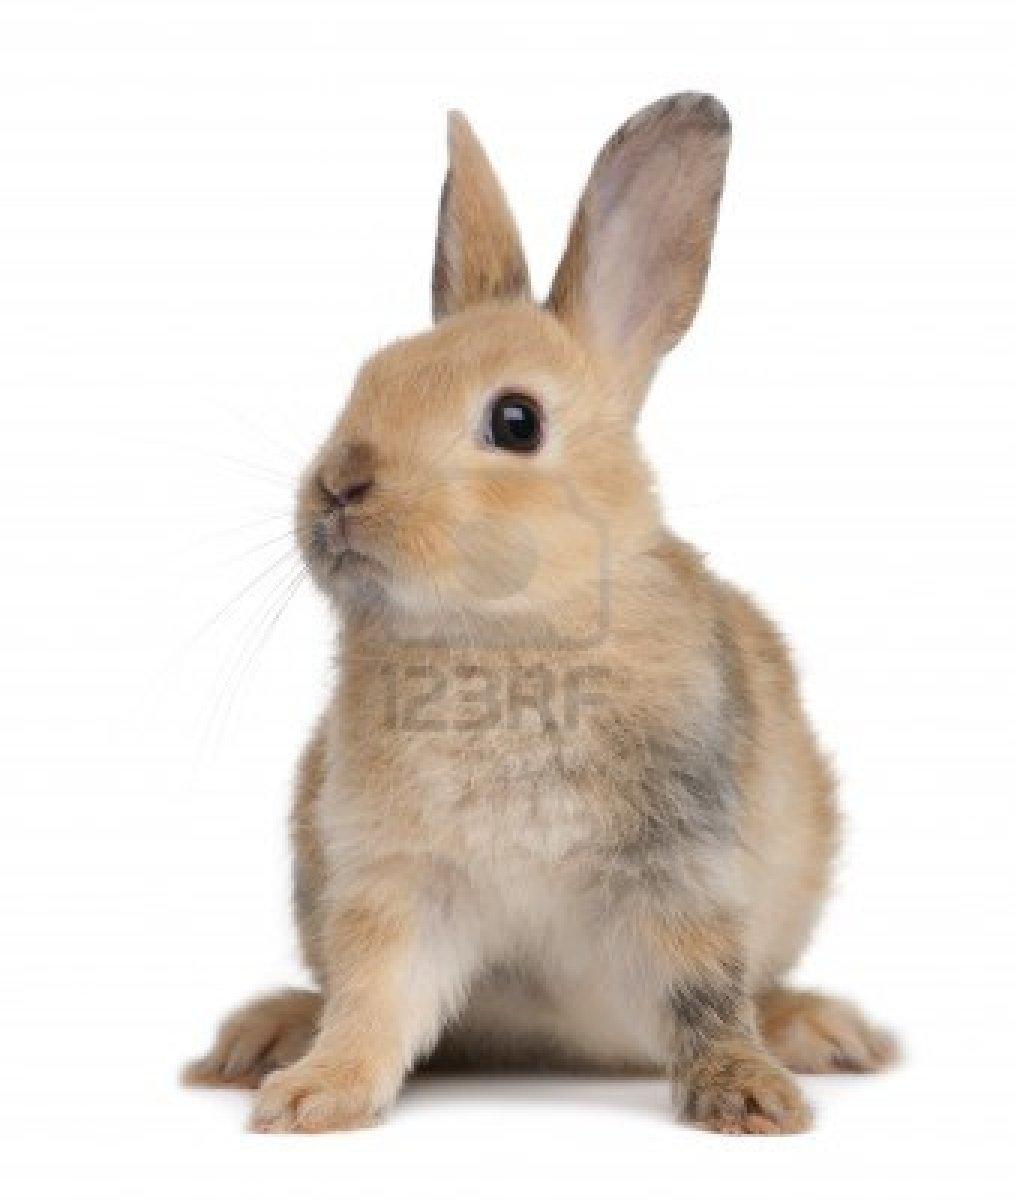 Dessins en couleurs imprimer lapin num ro 207302 - Animaux a imprimer en couleur ...